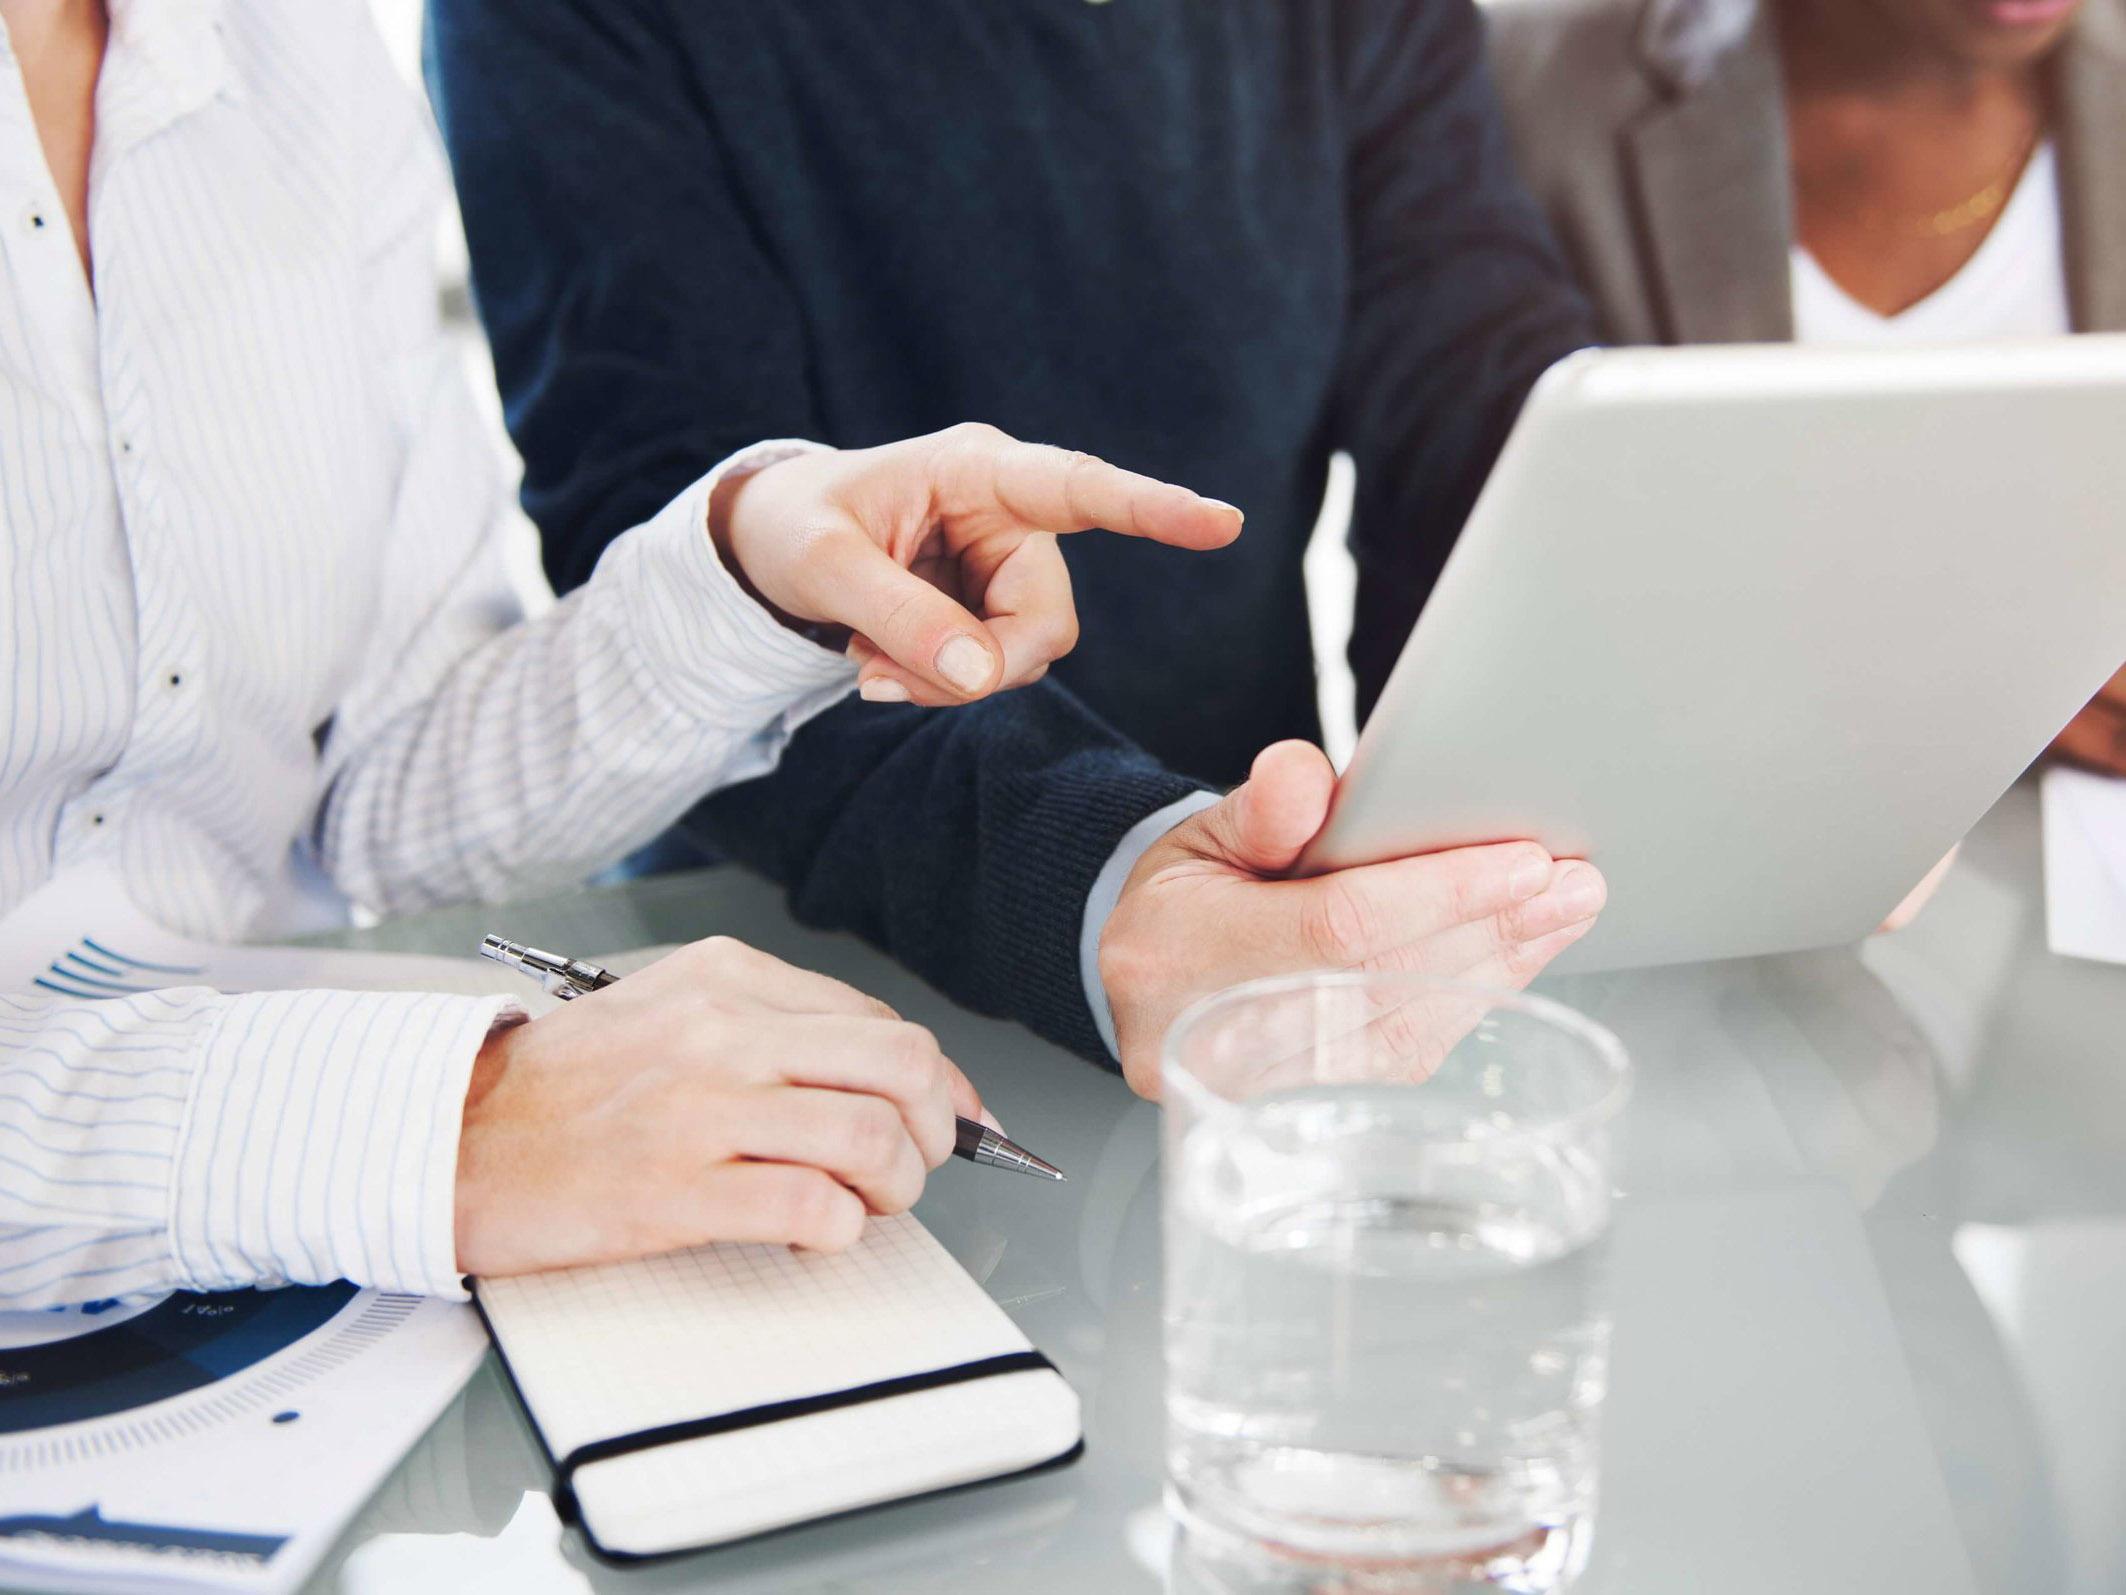 Recherche et UX - Nous voulons tout savoir sur votre organisation, vos objectifs et vos attentes avant de commencer un projet.